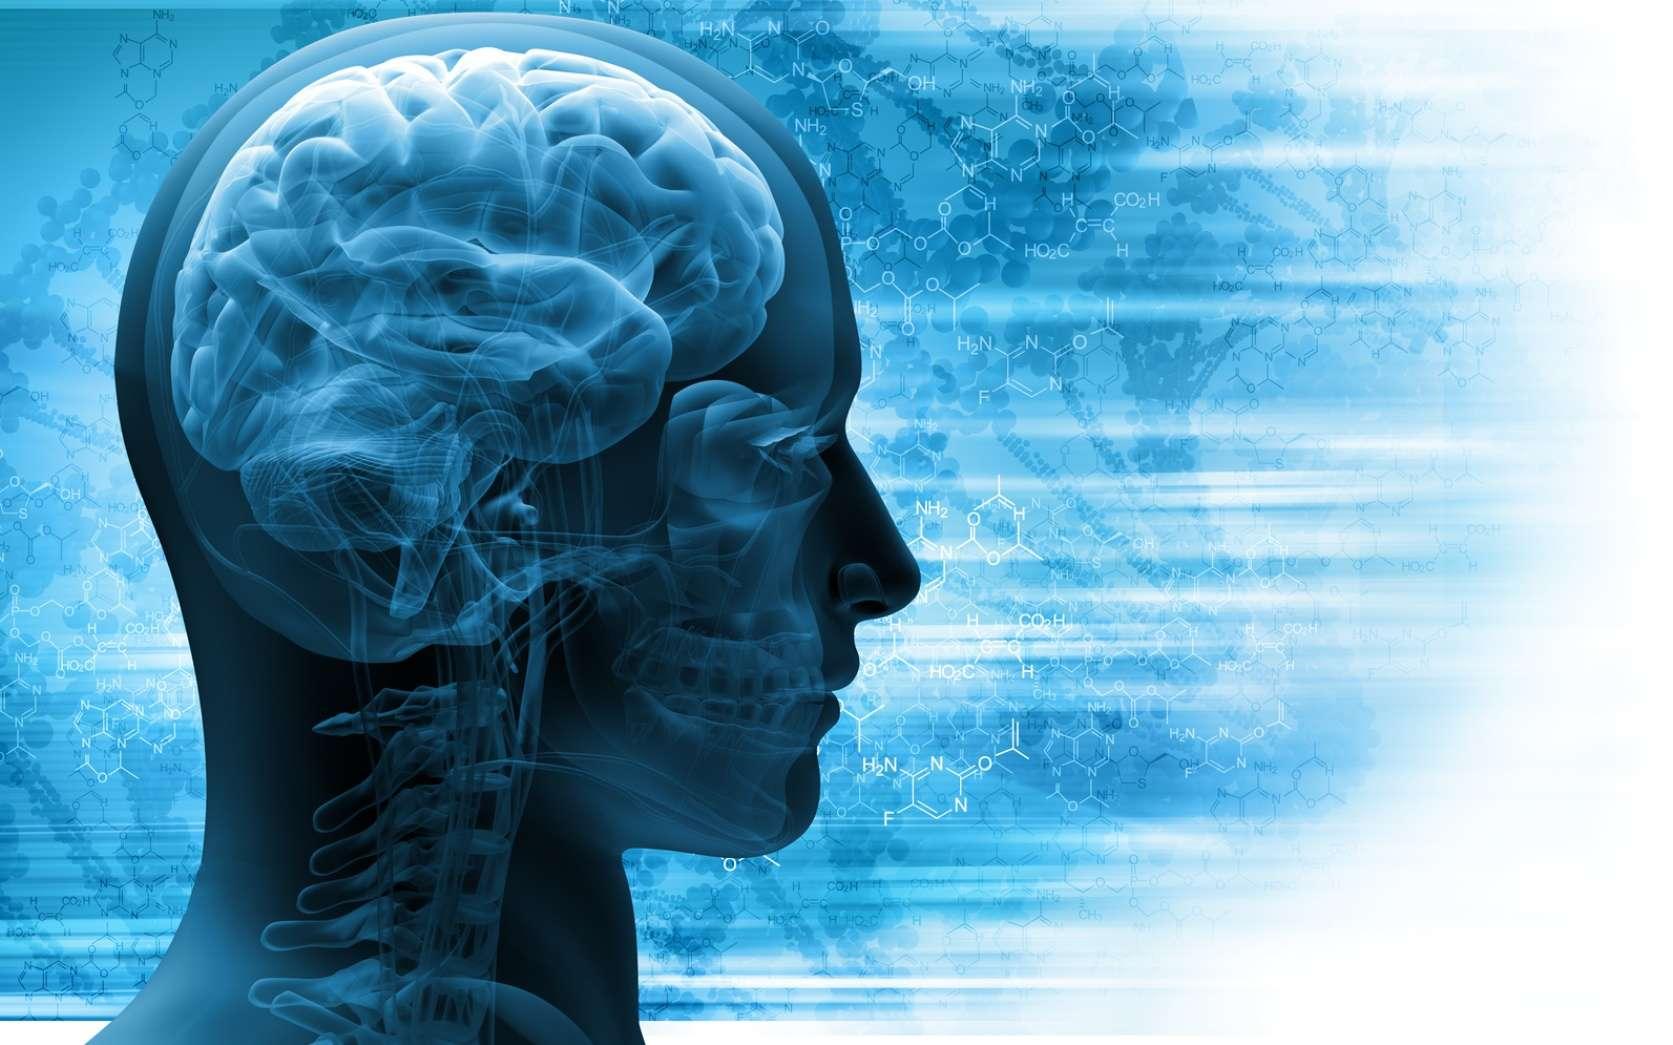 Le cerveau, l'ultime mystère de la Science. © adimas Fotolia